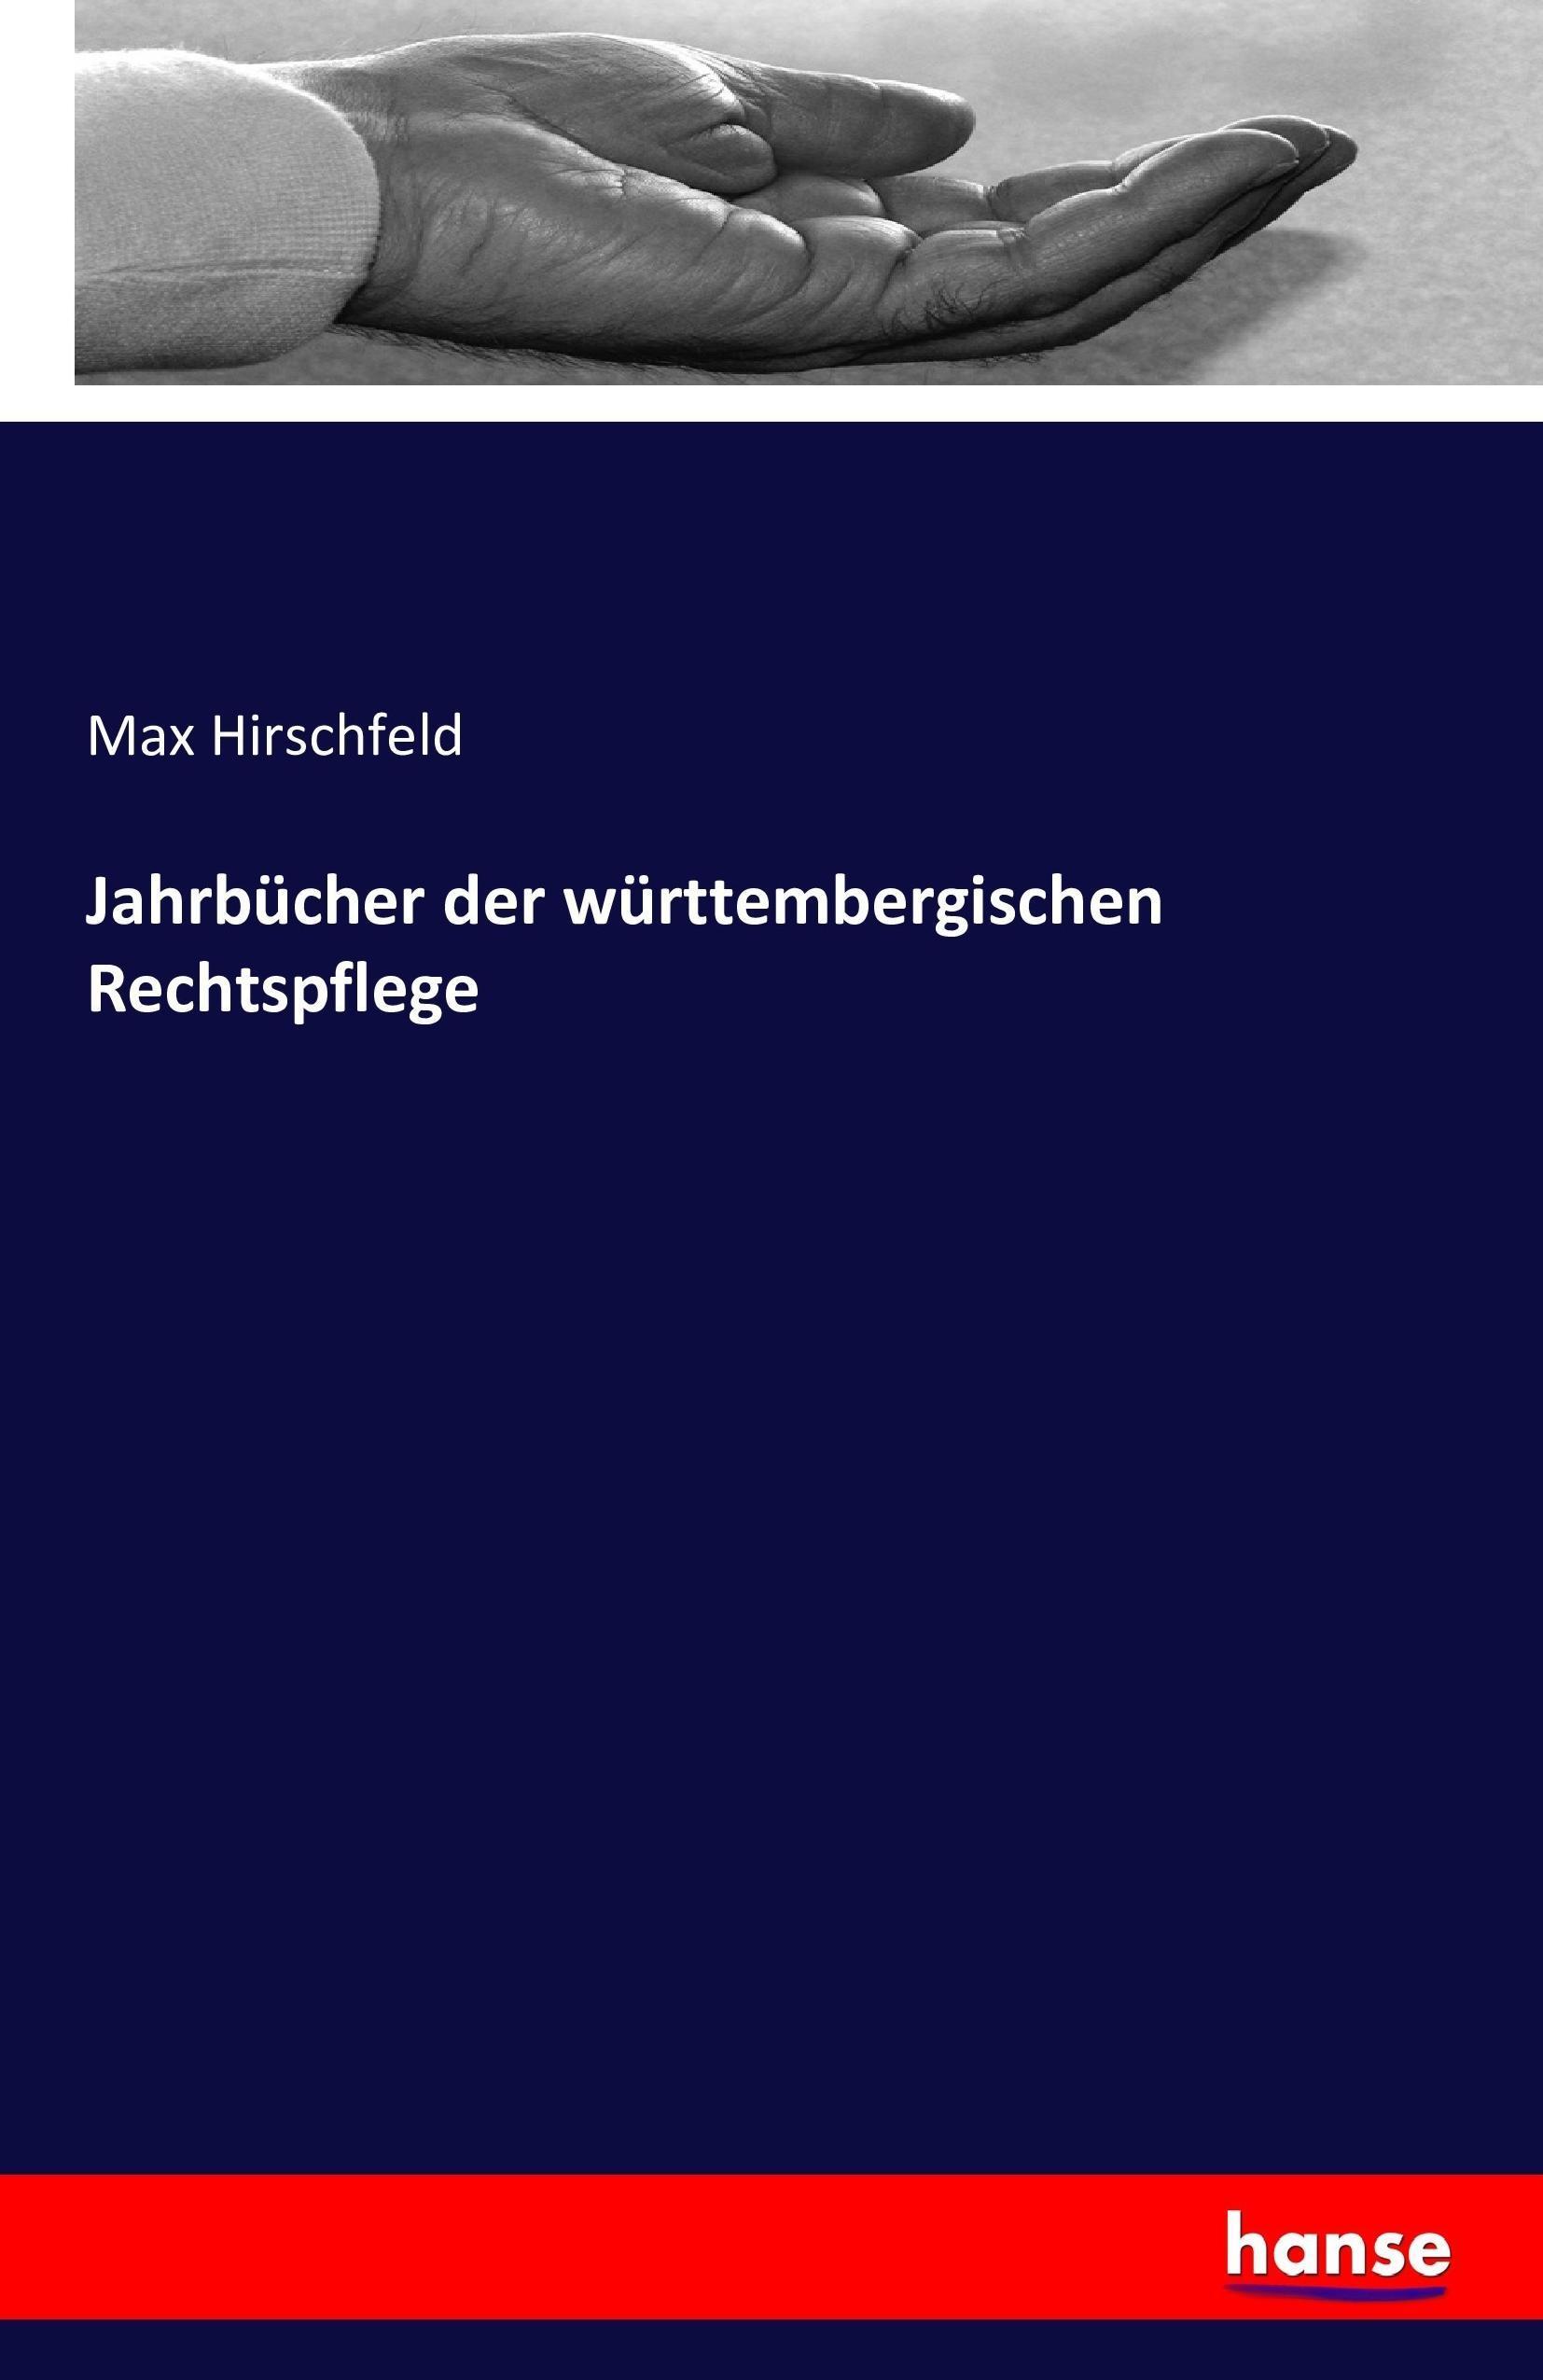 Jahrbücher der württembergischen Rechtspflege - Max Hirschfe ... 9783741170706